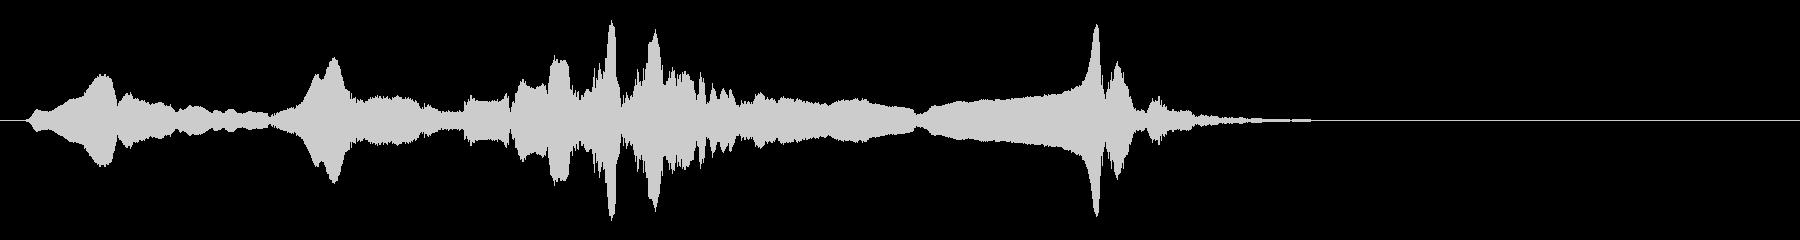 尺八 生演奏 古典風 残響音有 5の未再生の波形